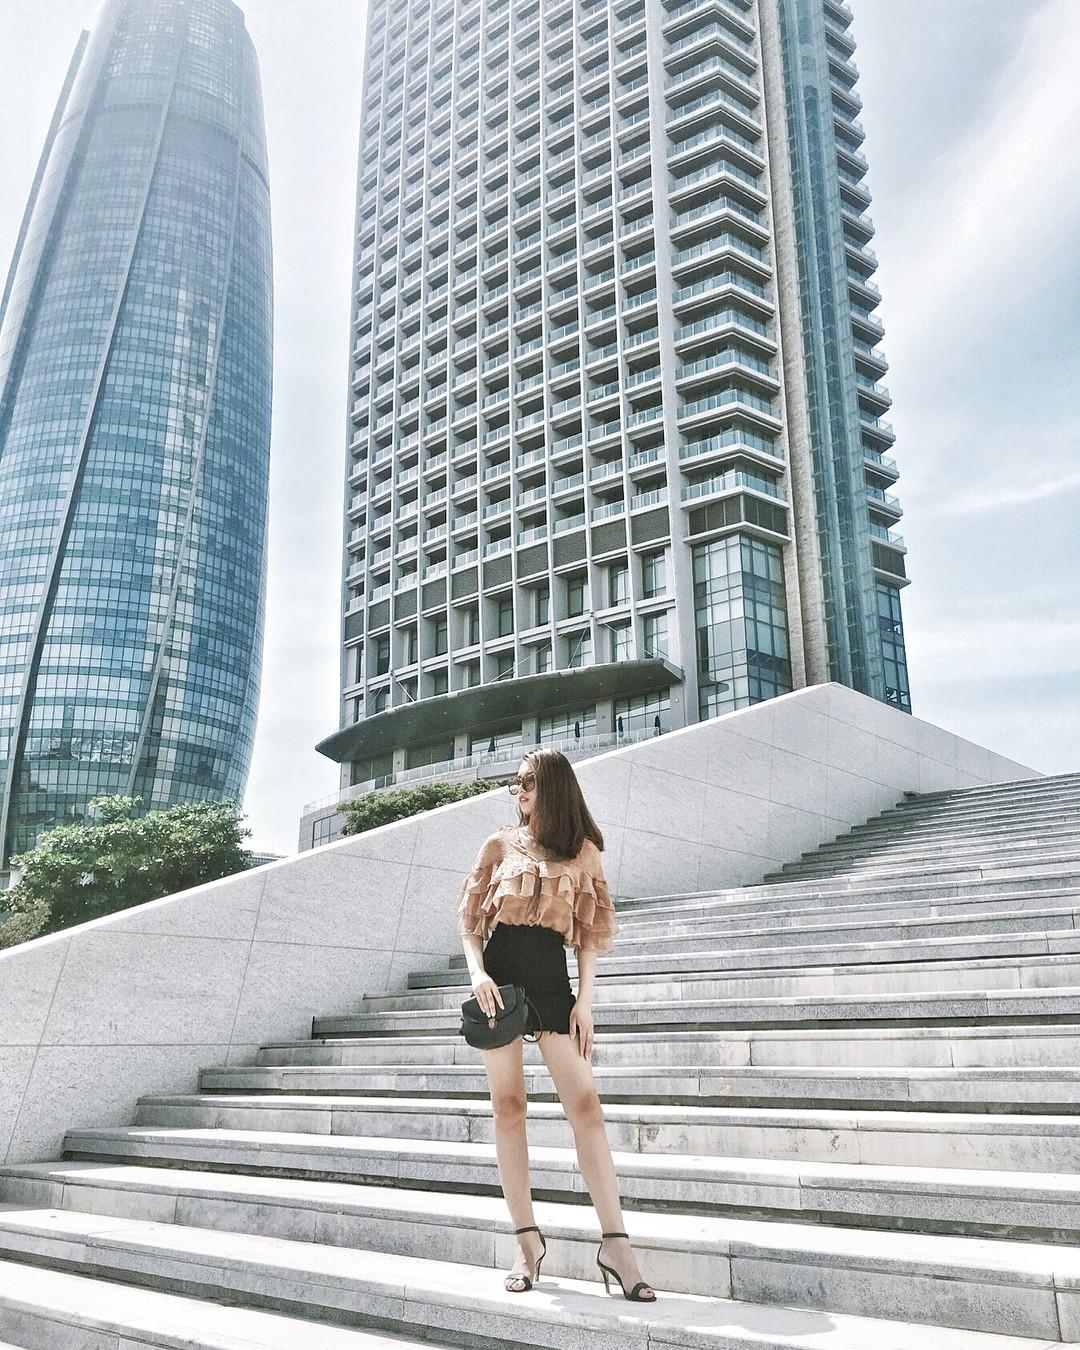 """Chỉ với 2 tọa độ cực phẩm này, Đà Nẵng đích thị là """"Singapore thu nhỏ"""" giữa lòng Việt Nam chứ đâu! - Ảnh 2."""